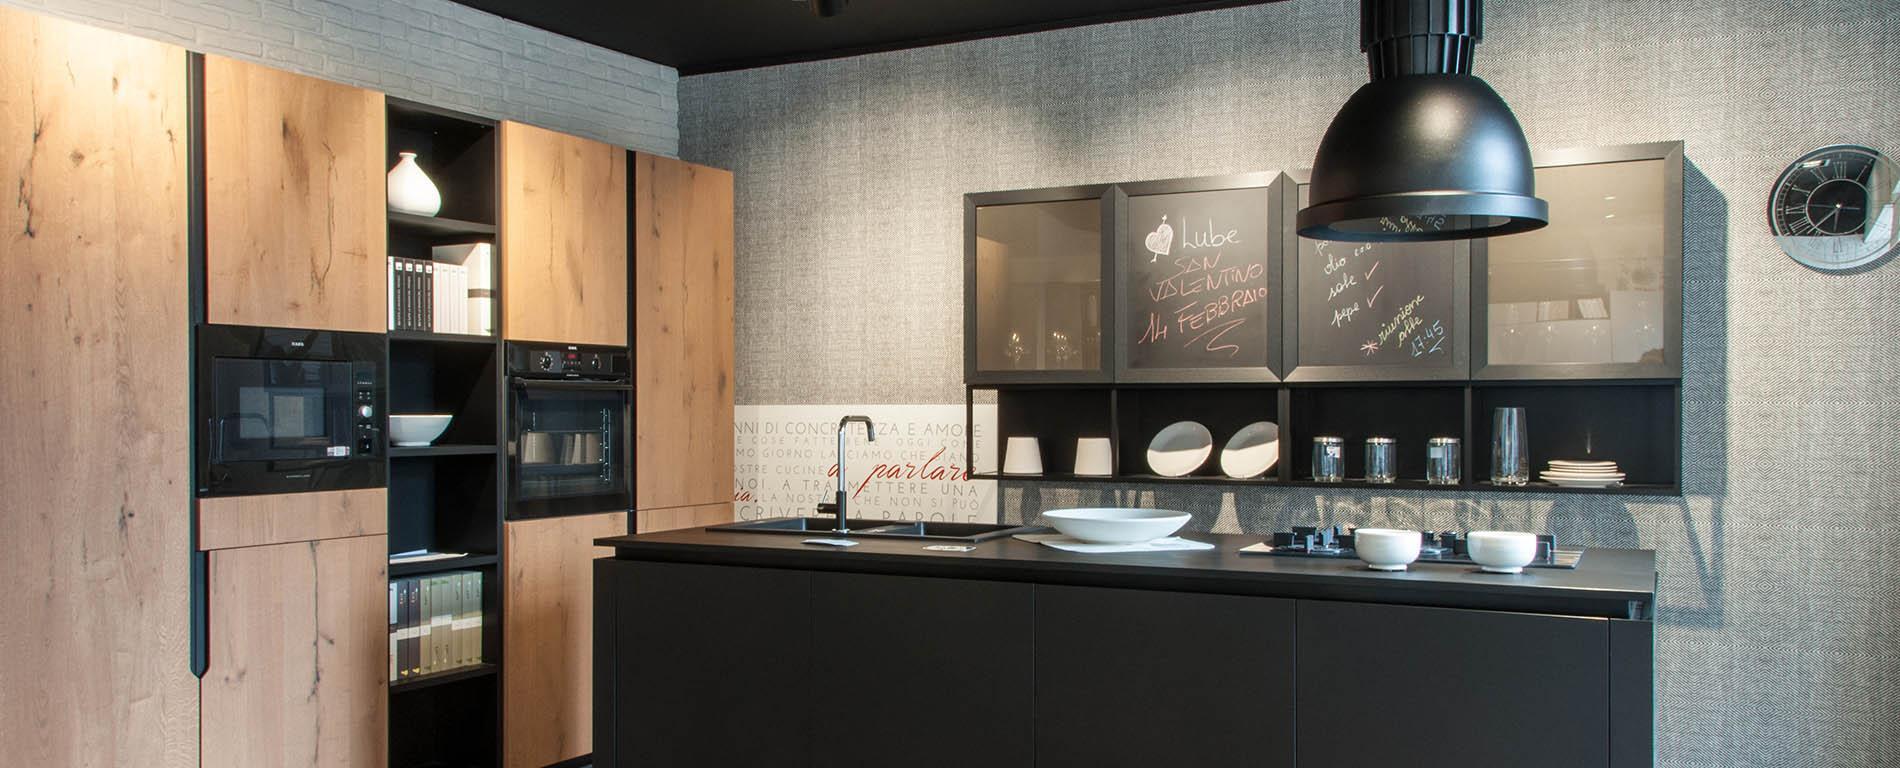 cucina con mobili neri e in legno